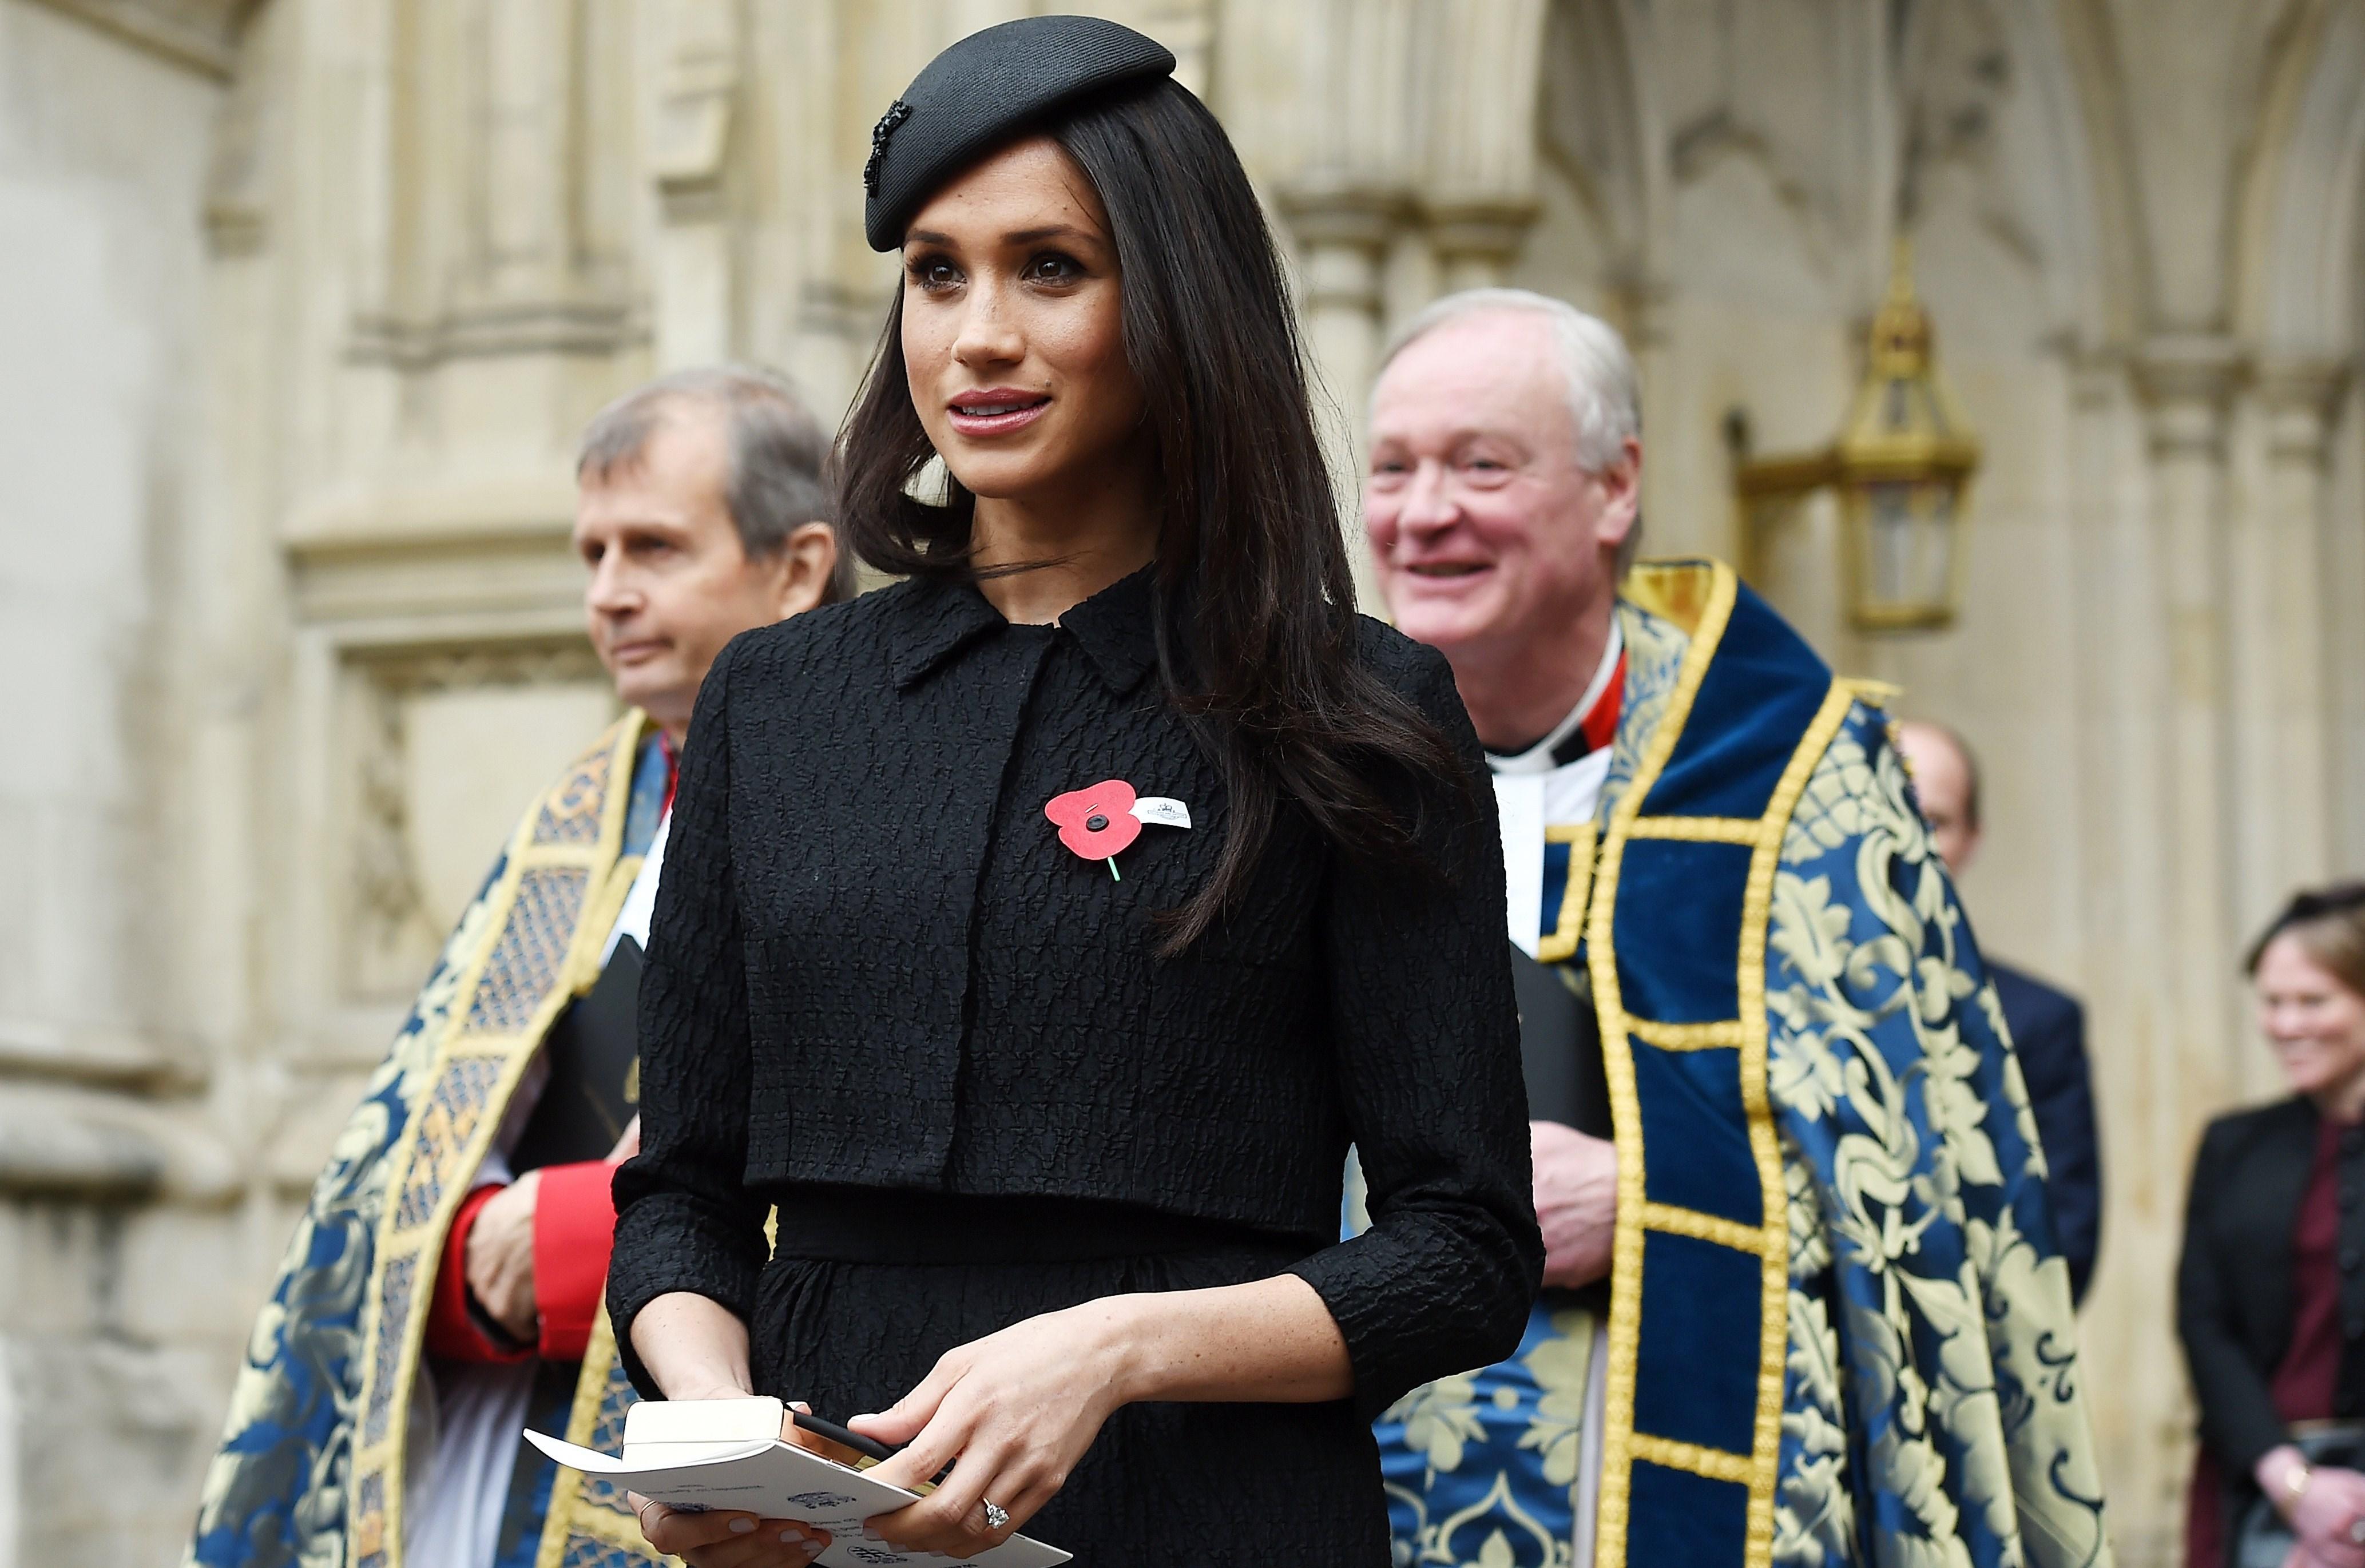 Faltando pocos días para la boda comenzaron los rumores de que Thomas Markle, padre de la actriz, no asistiría al evento por un problema de salud. Finalmente, fue el príncipe Charles quien la llevó al altar. (Archivo)